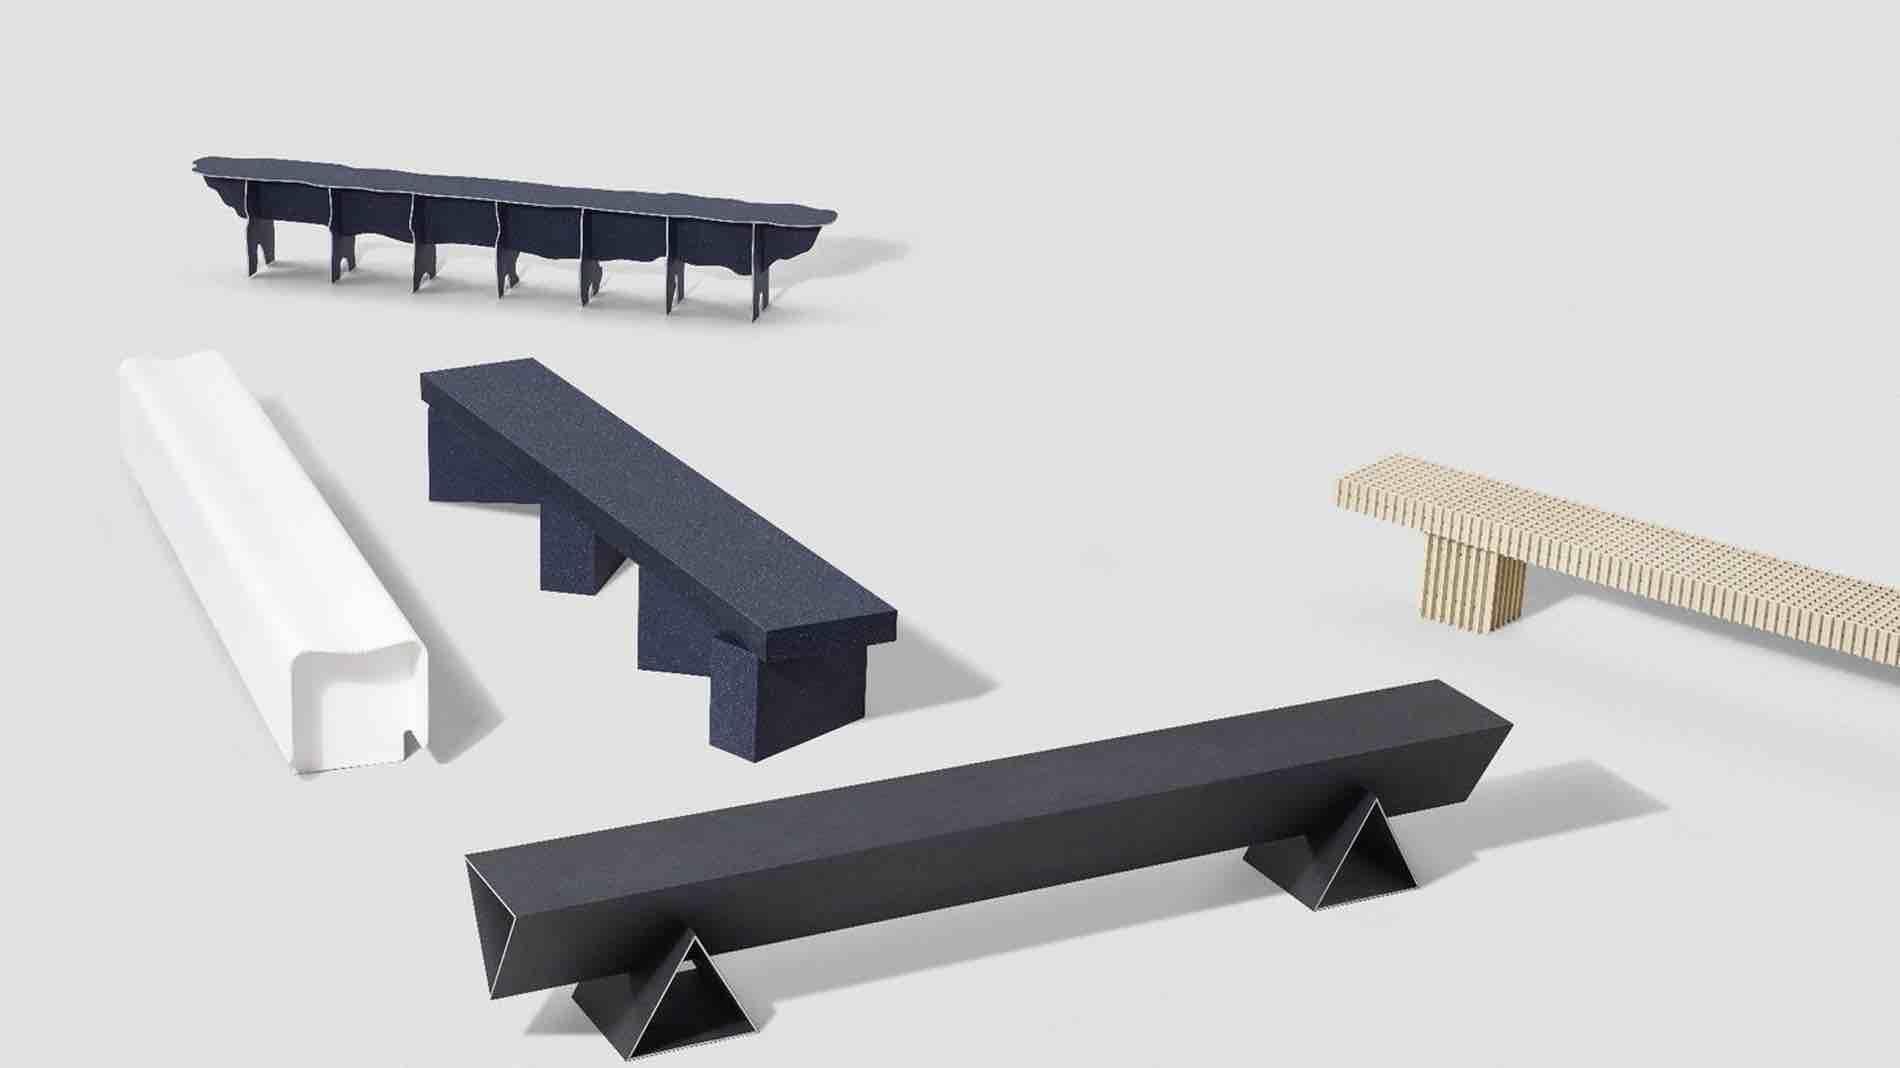 urban furniture designs. Design Trends Urban Furniture Designs N